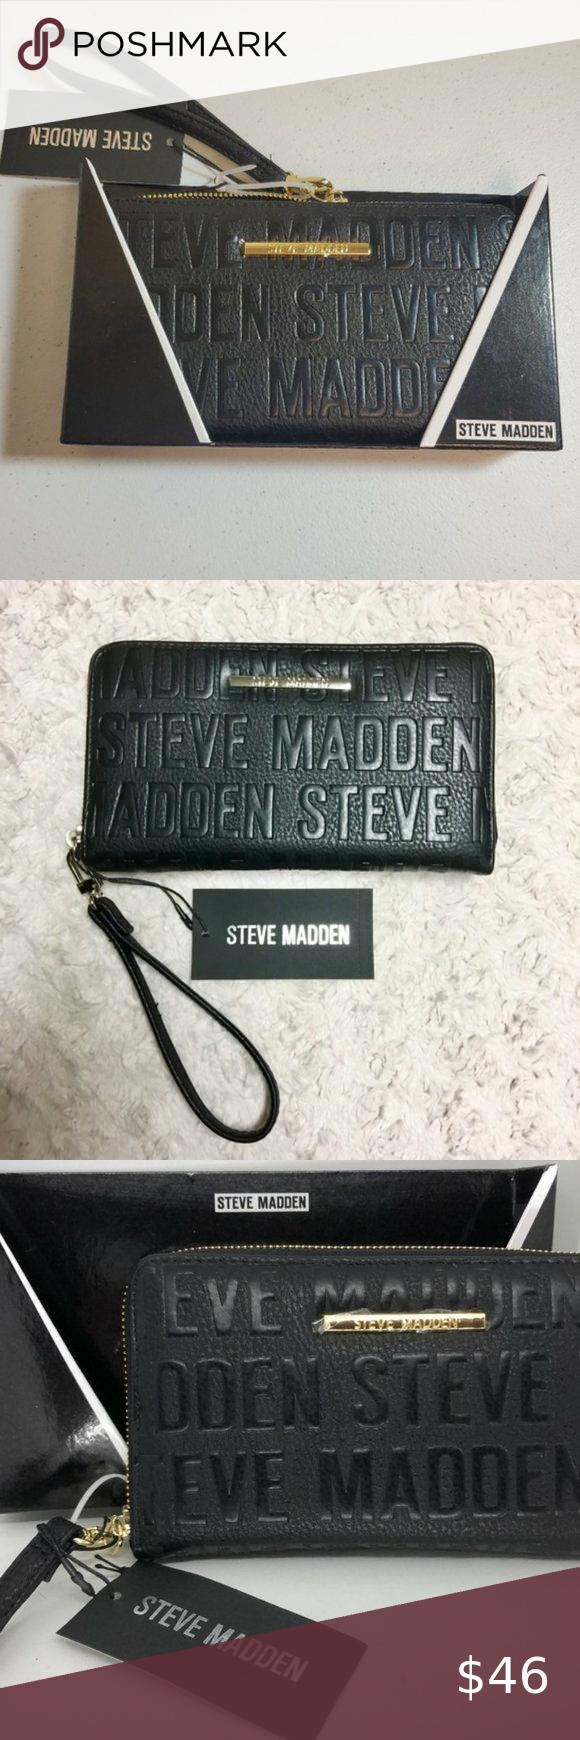 New In Box Steve Madden Logo Wristlet Zip Wallet Printed Wallets Zip Wallet Steve Madden